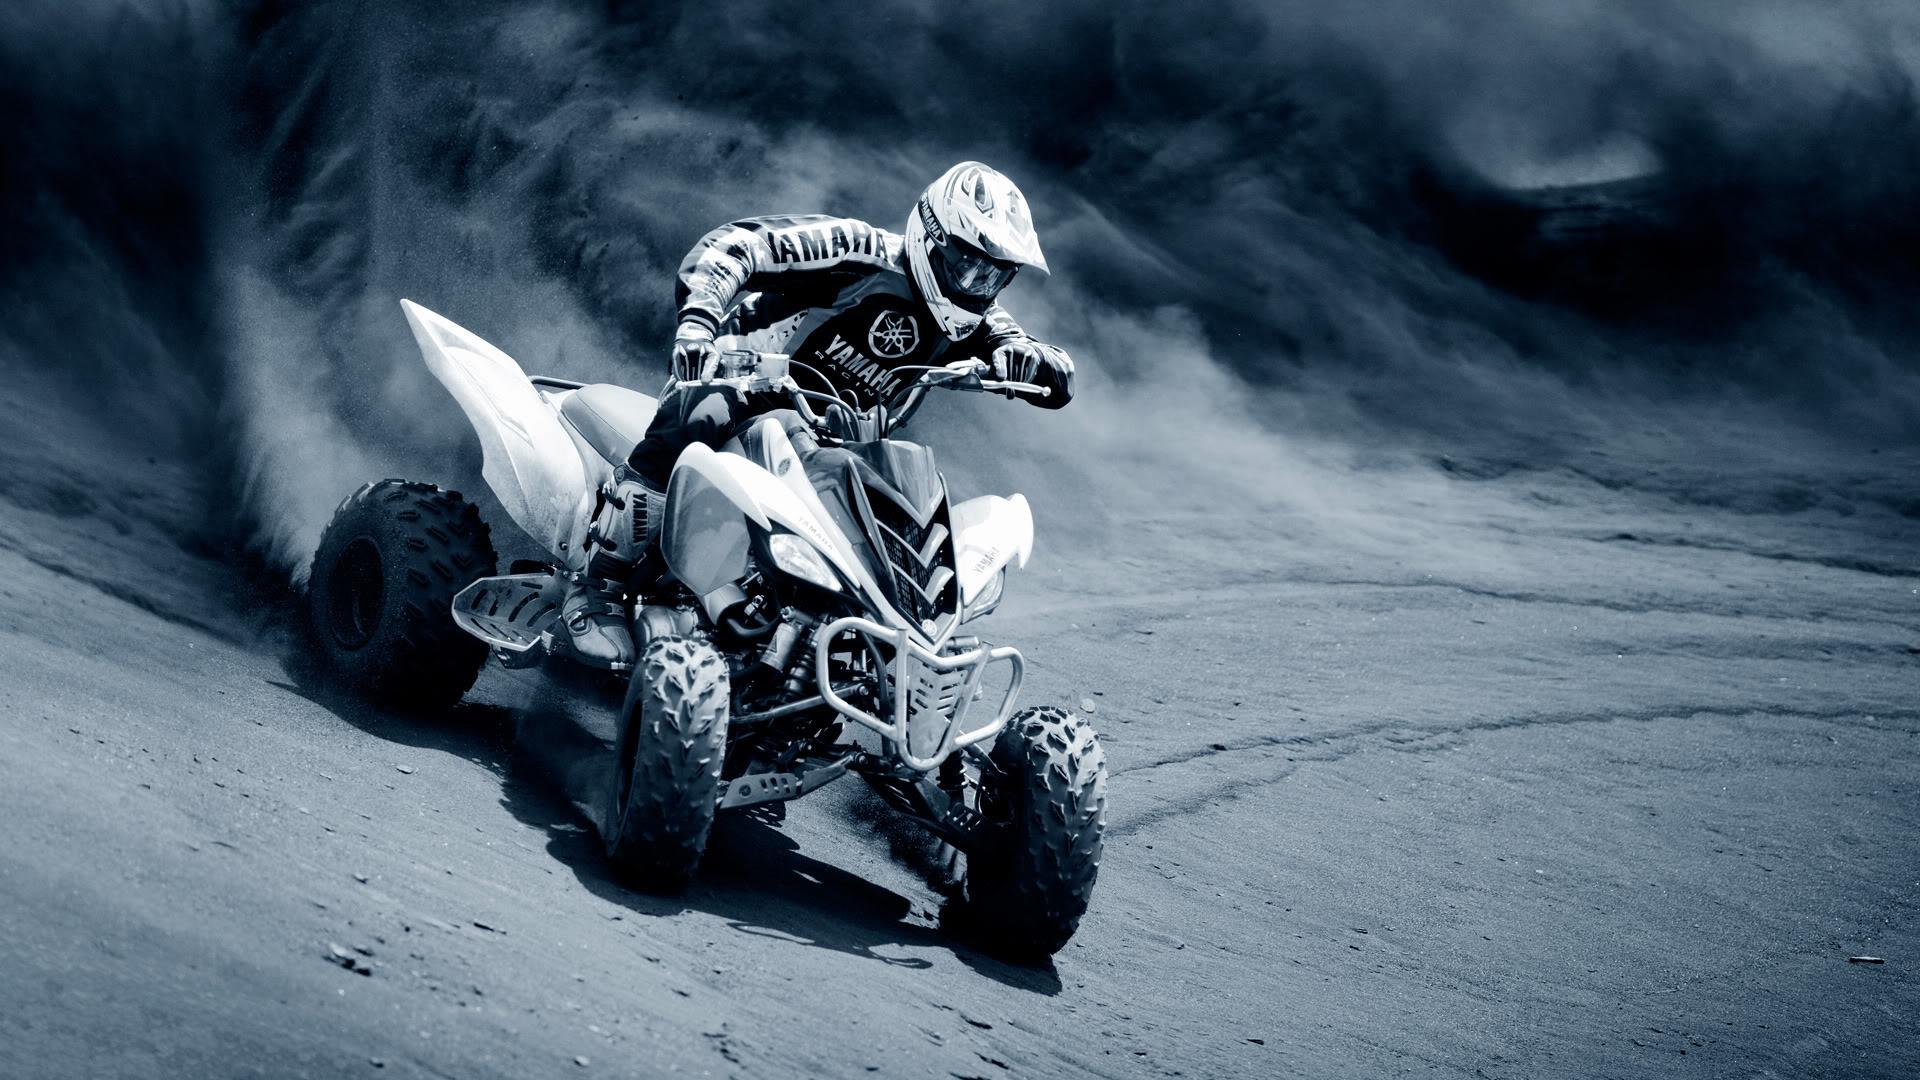 ATV Wallpaper HD